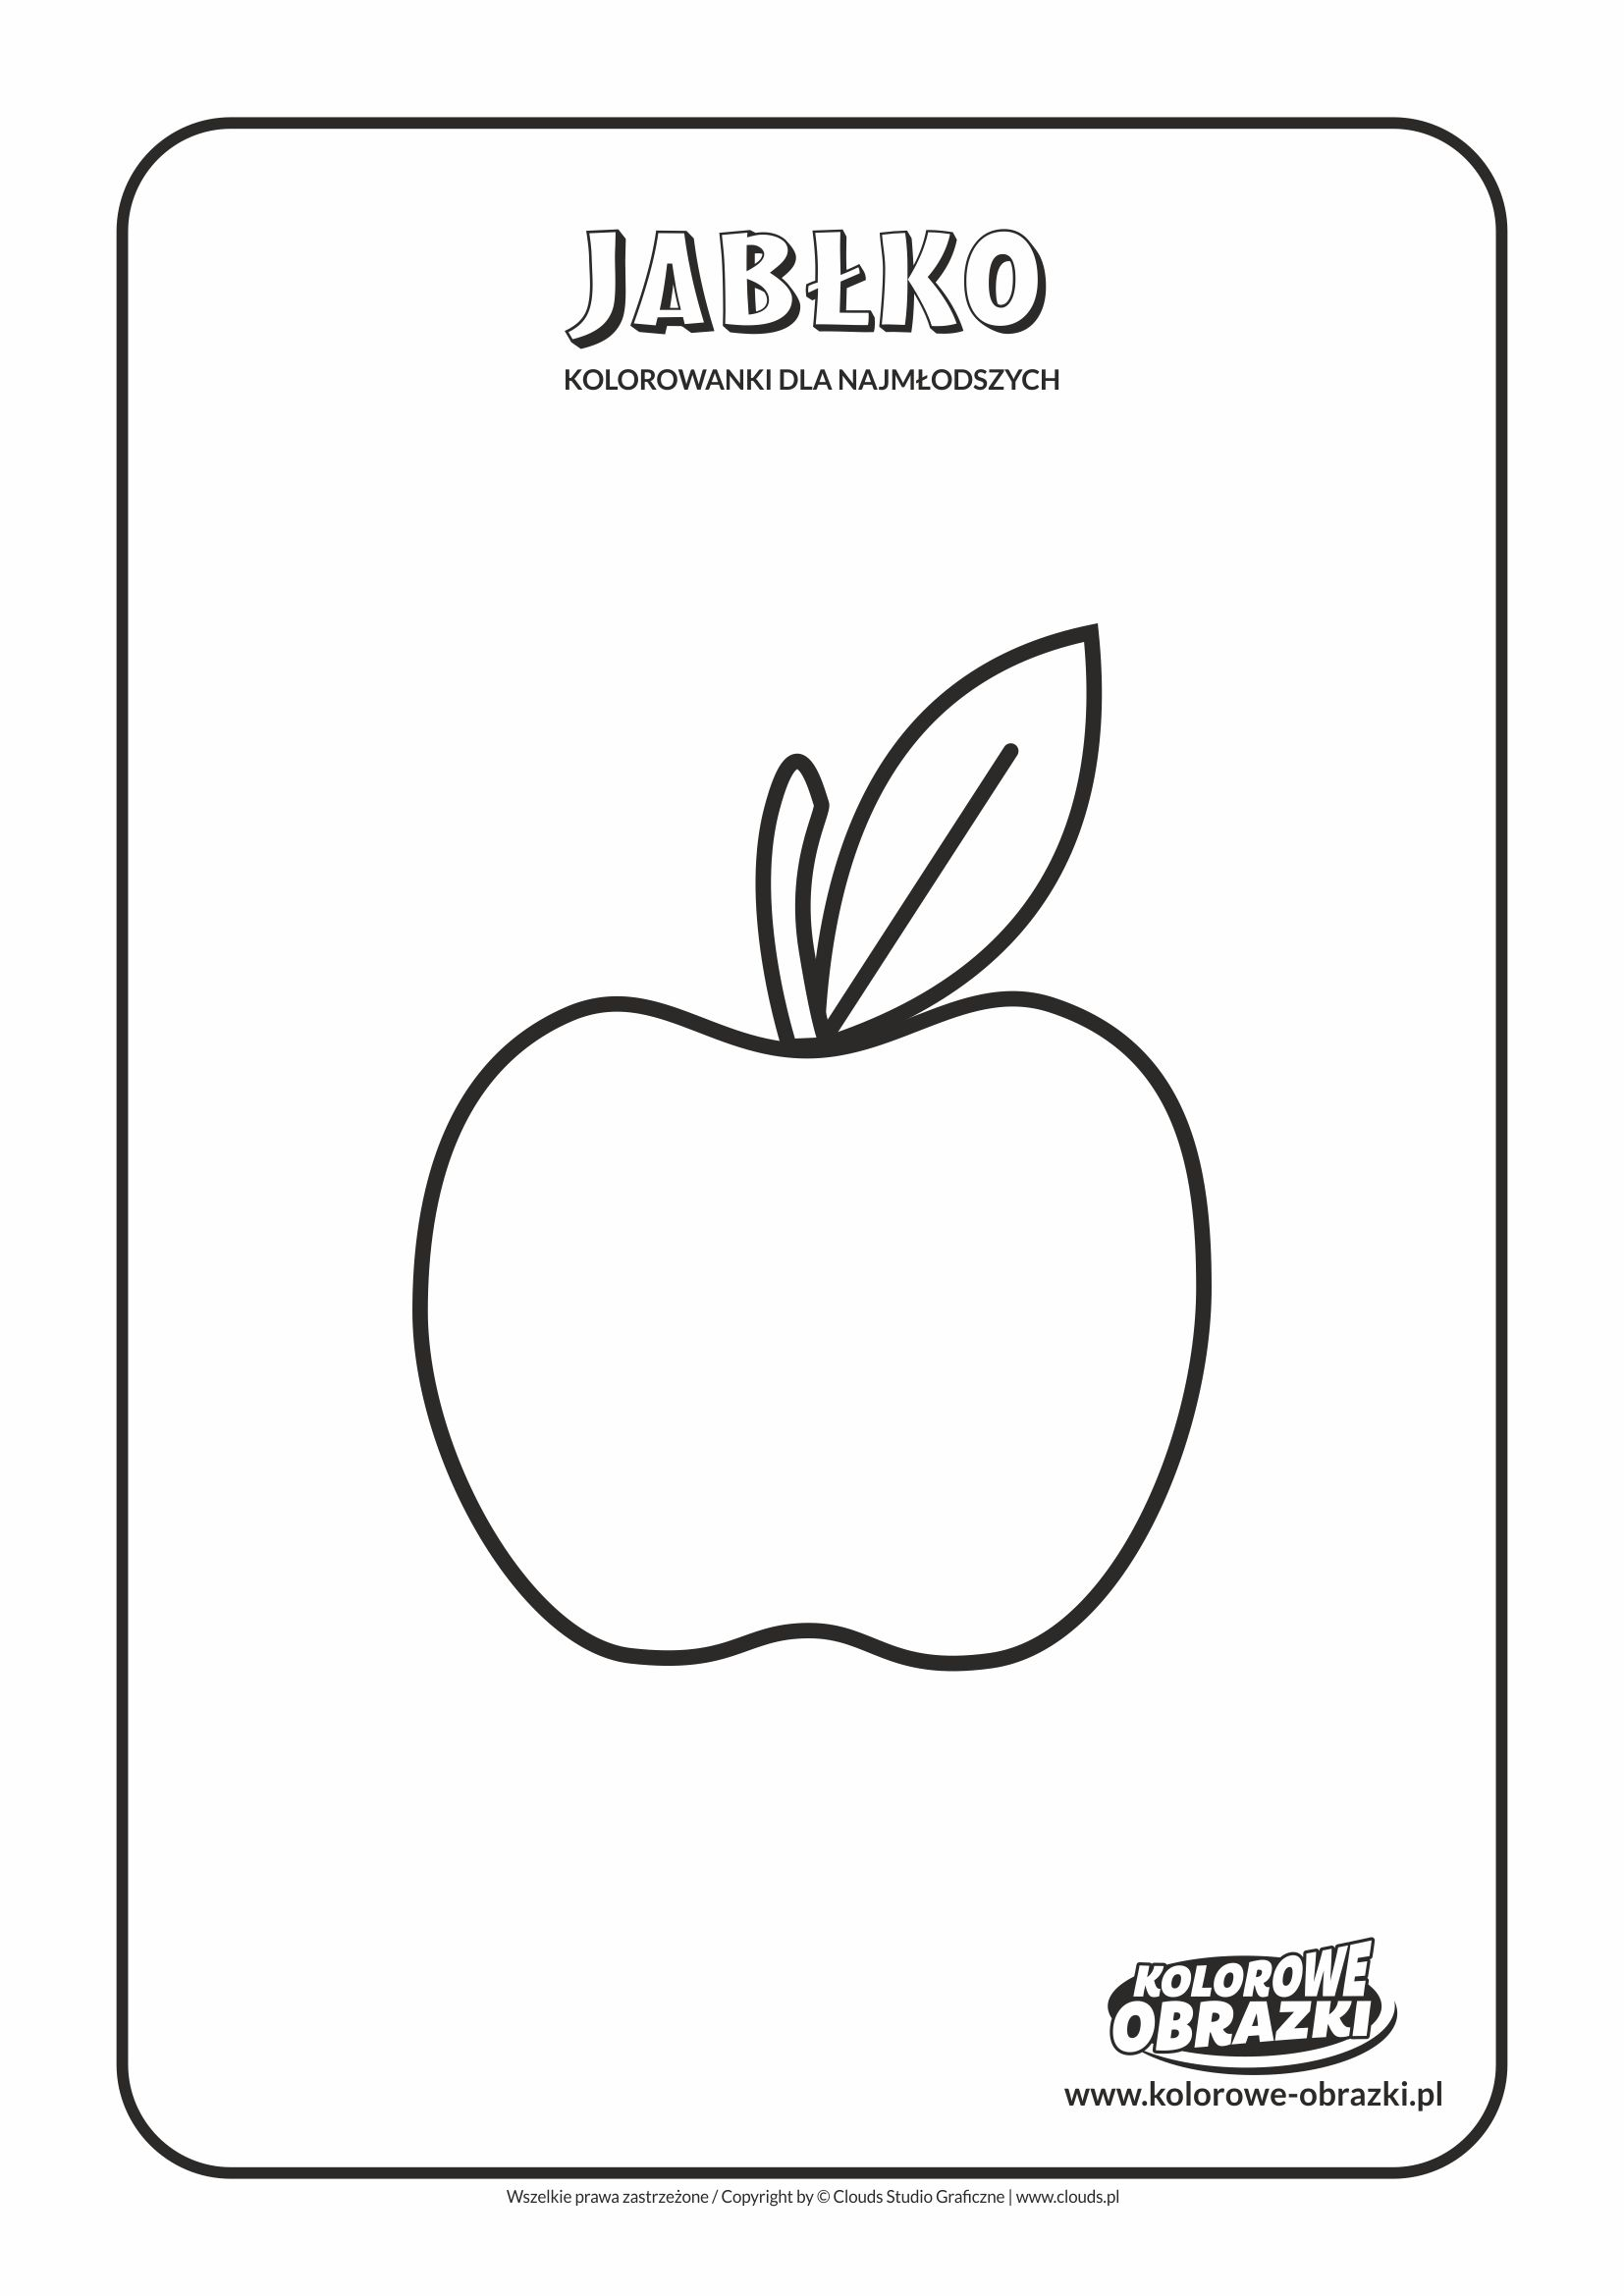 Proste kolorowanki dla najmłodszych - Owoce / Jabłko. Kolorowanka z jabłkiem